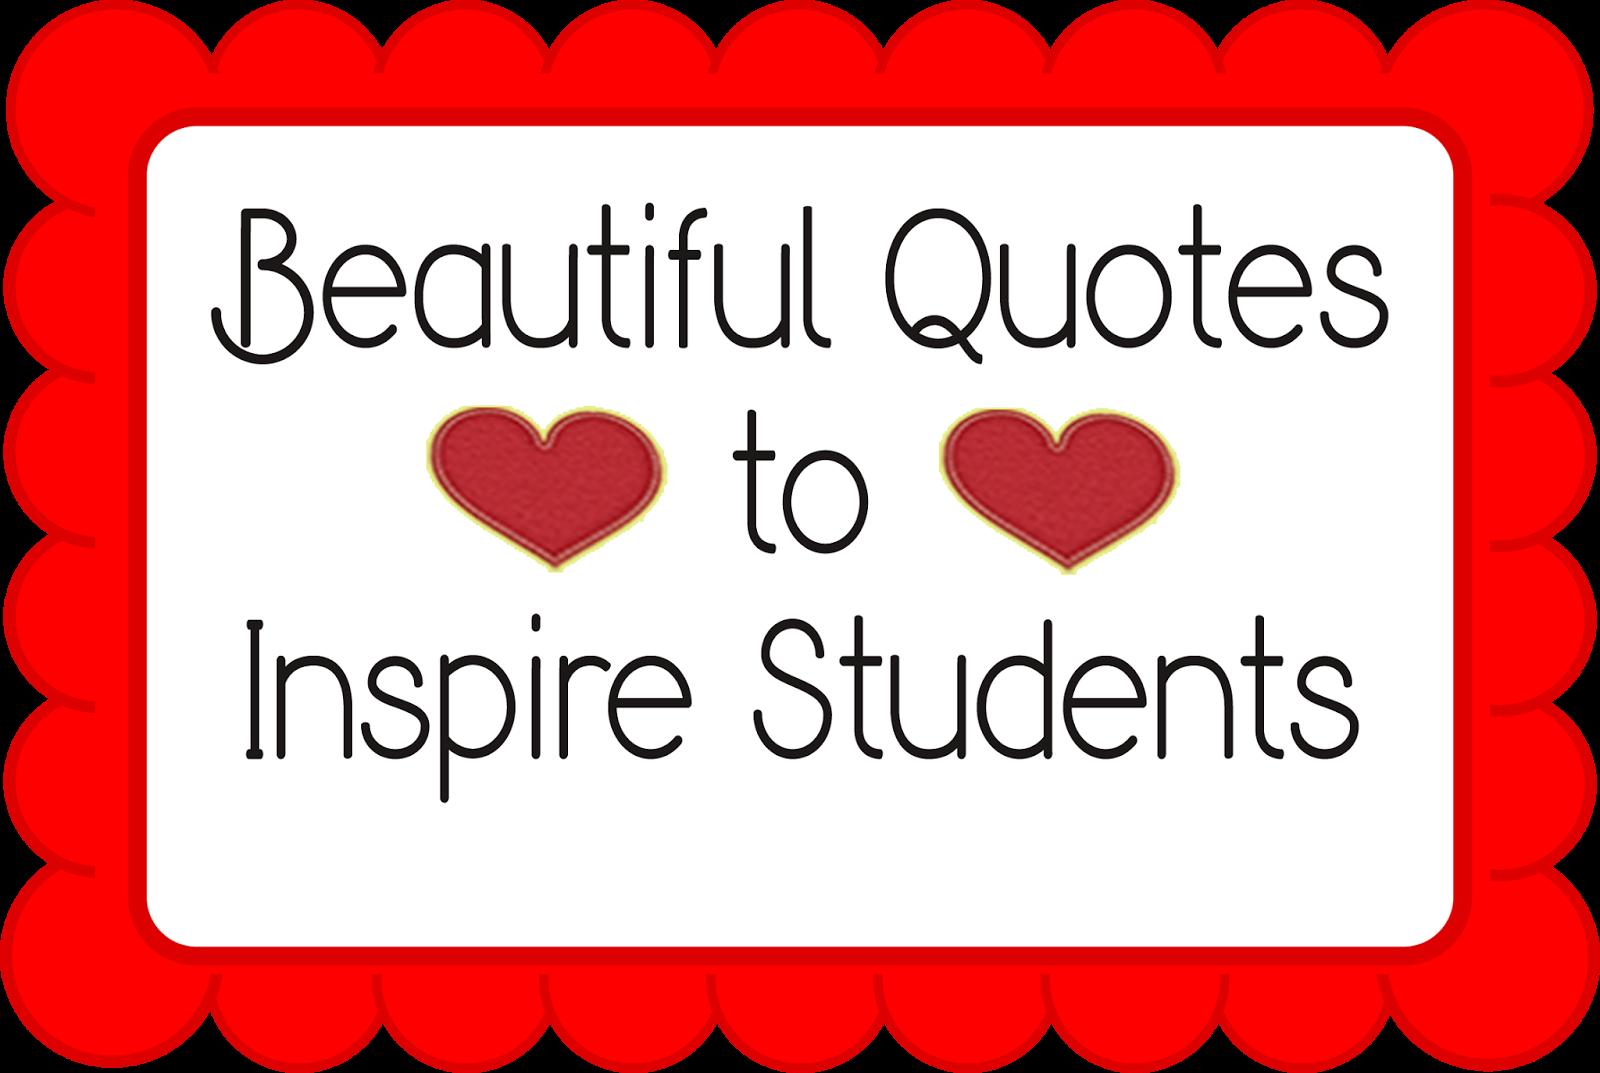 Classroom Quotes Mrsmcfadden's Classroom Blog Classroom Quotes